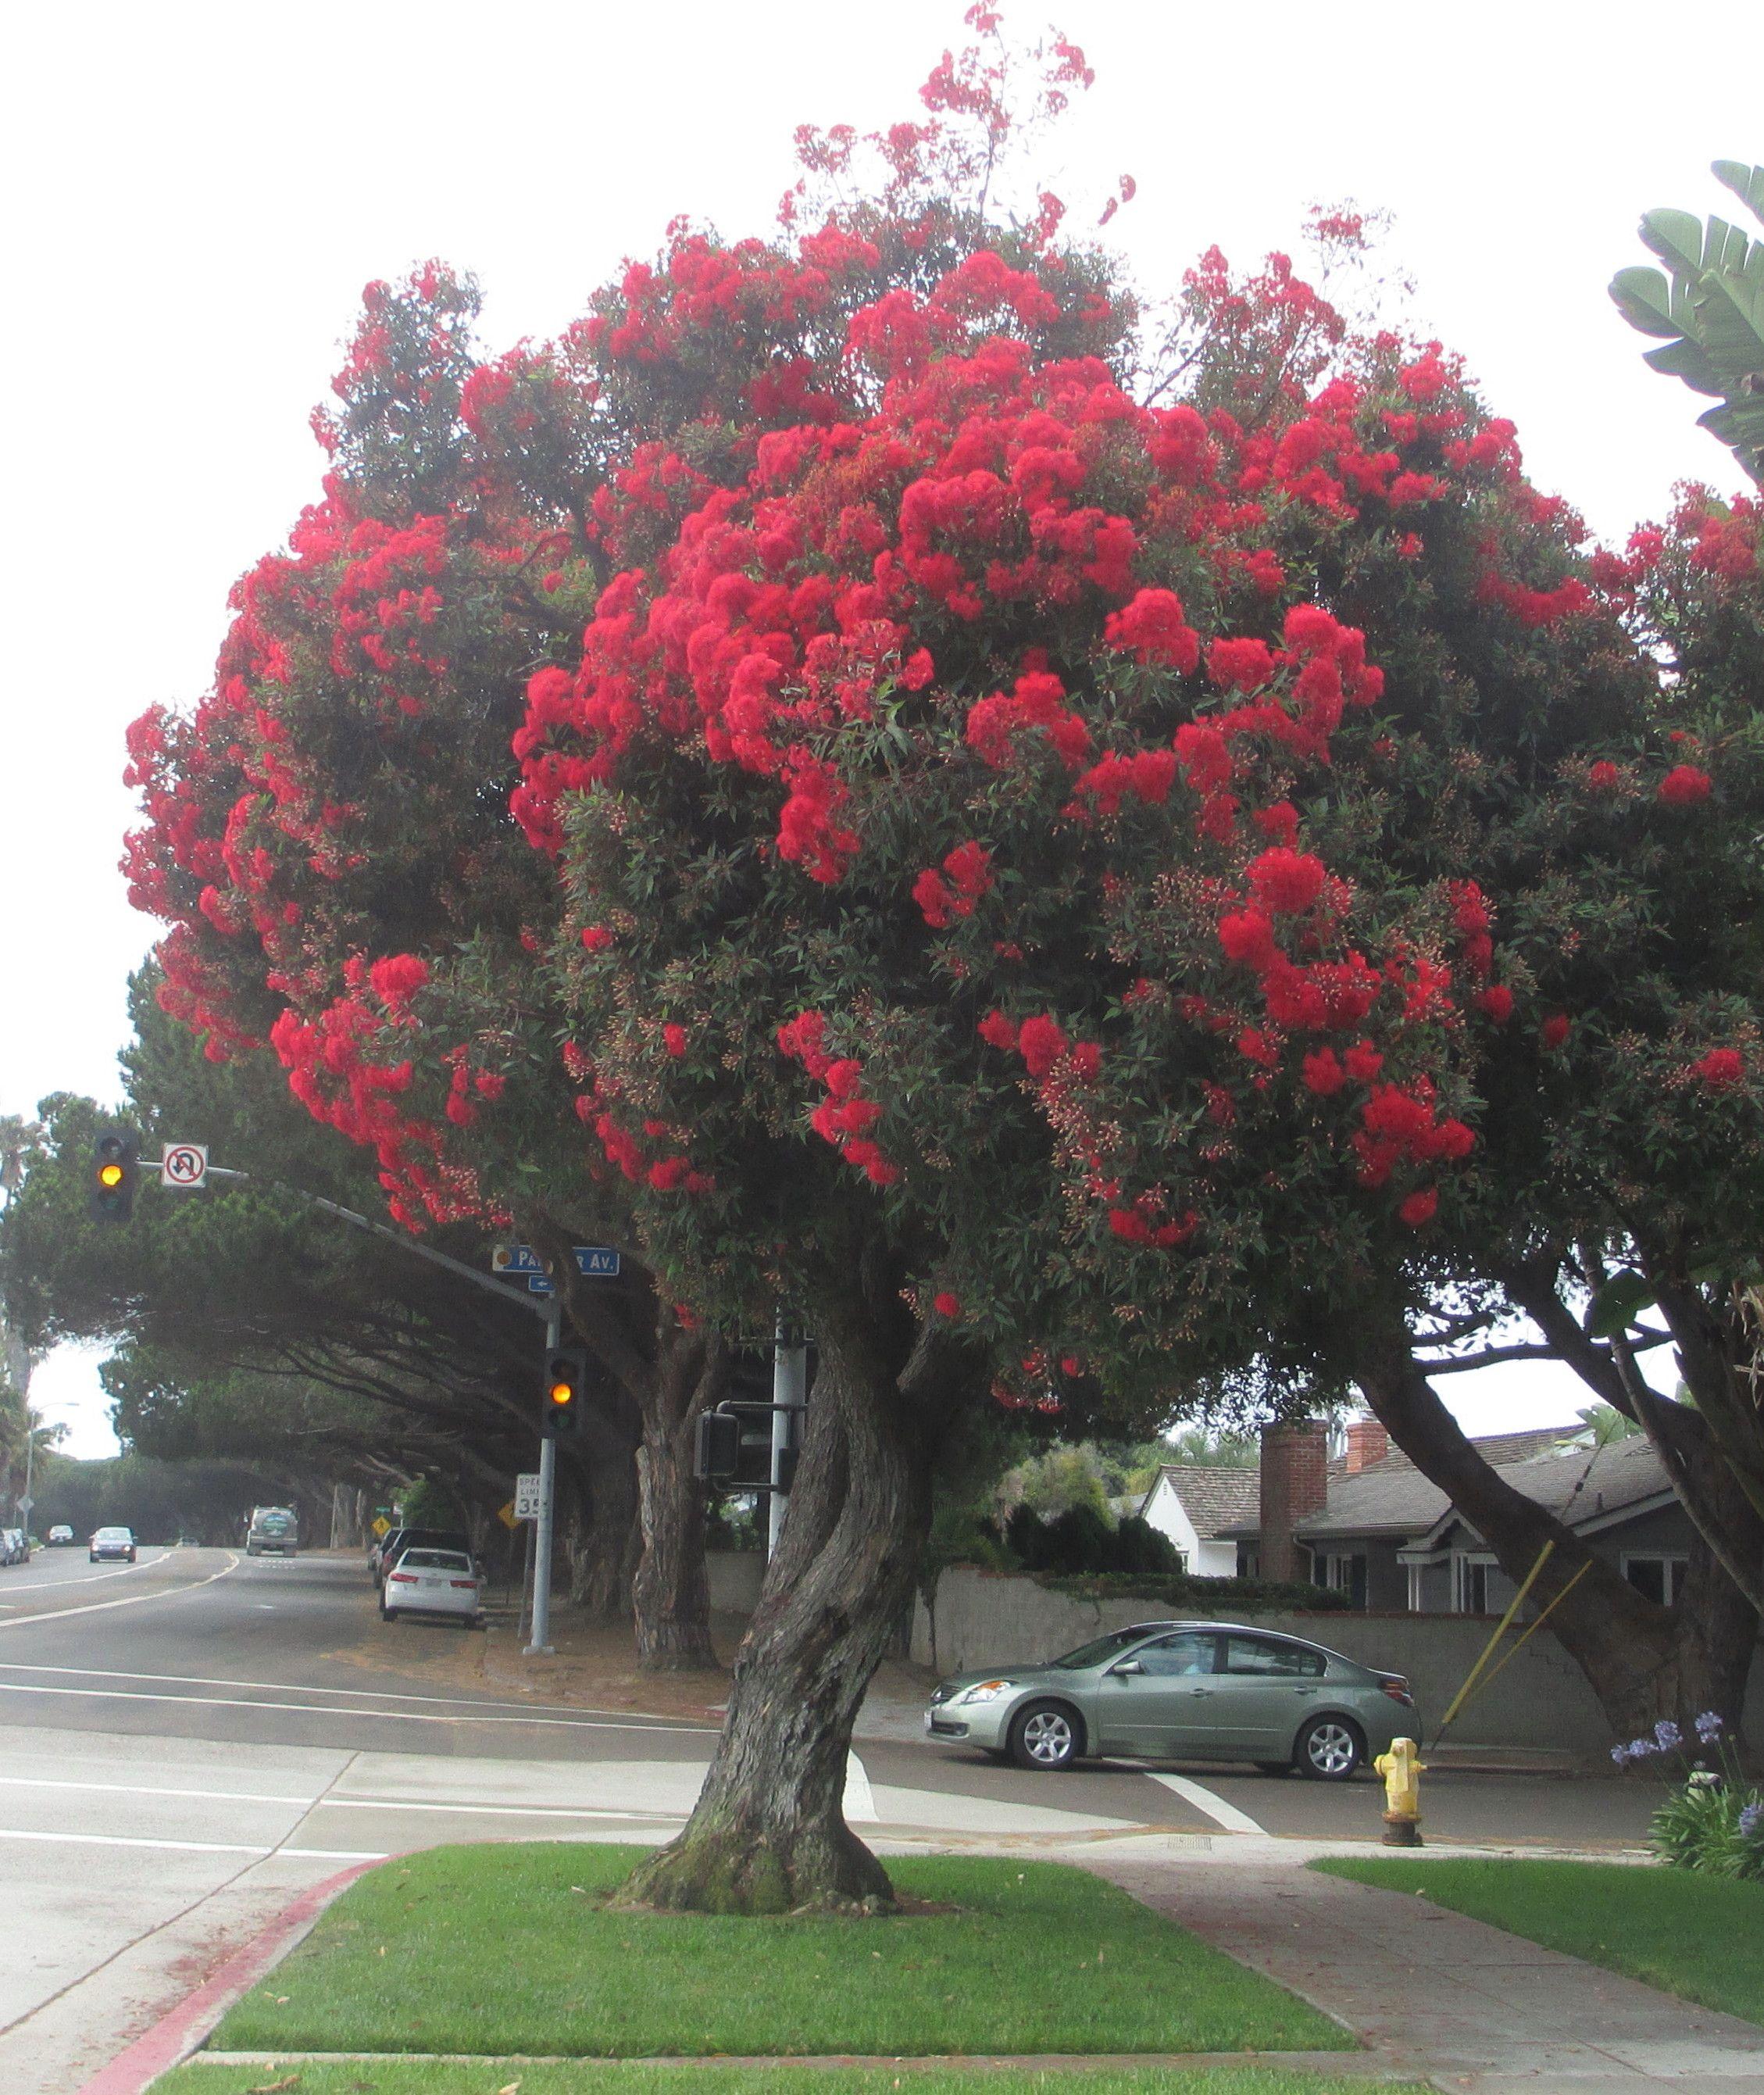 arbre fleurs rouges art bretelle en 2019 pinterest arbre feuillu arbre fleuri et arbre. Black Bedroom Furniture Sets. Home Design Ideas